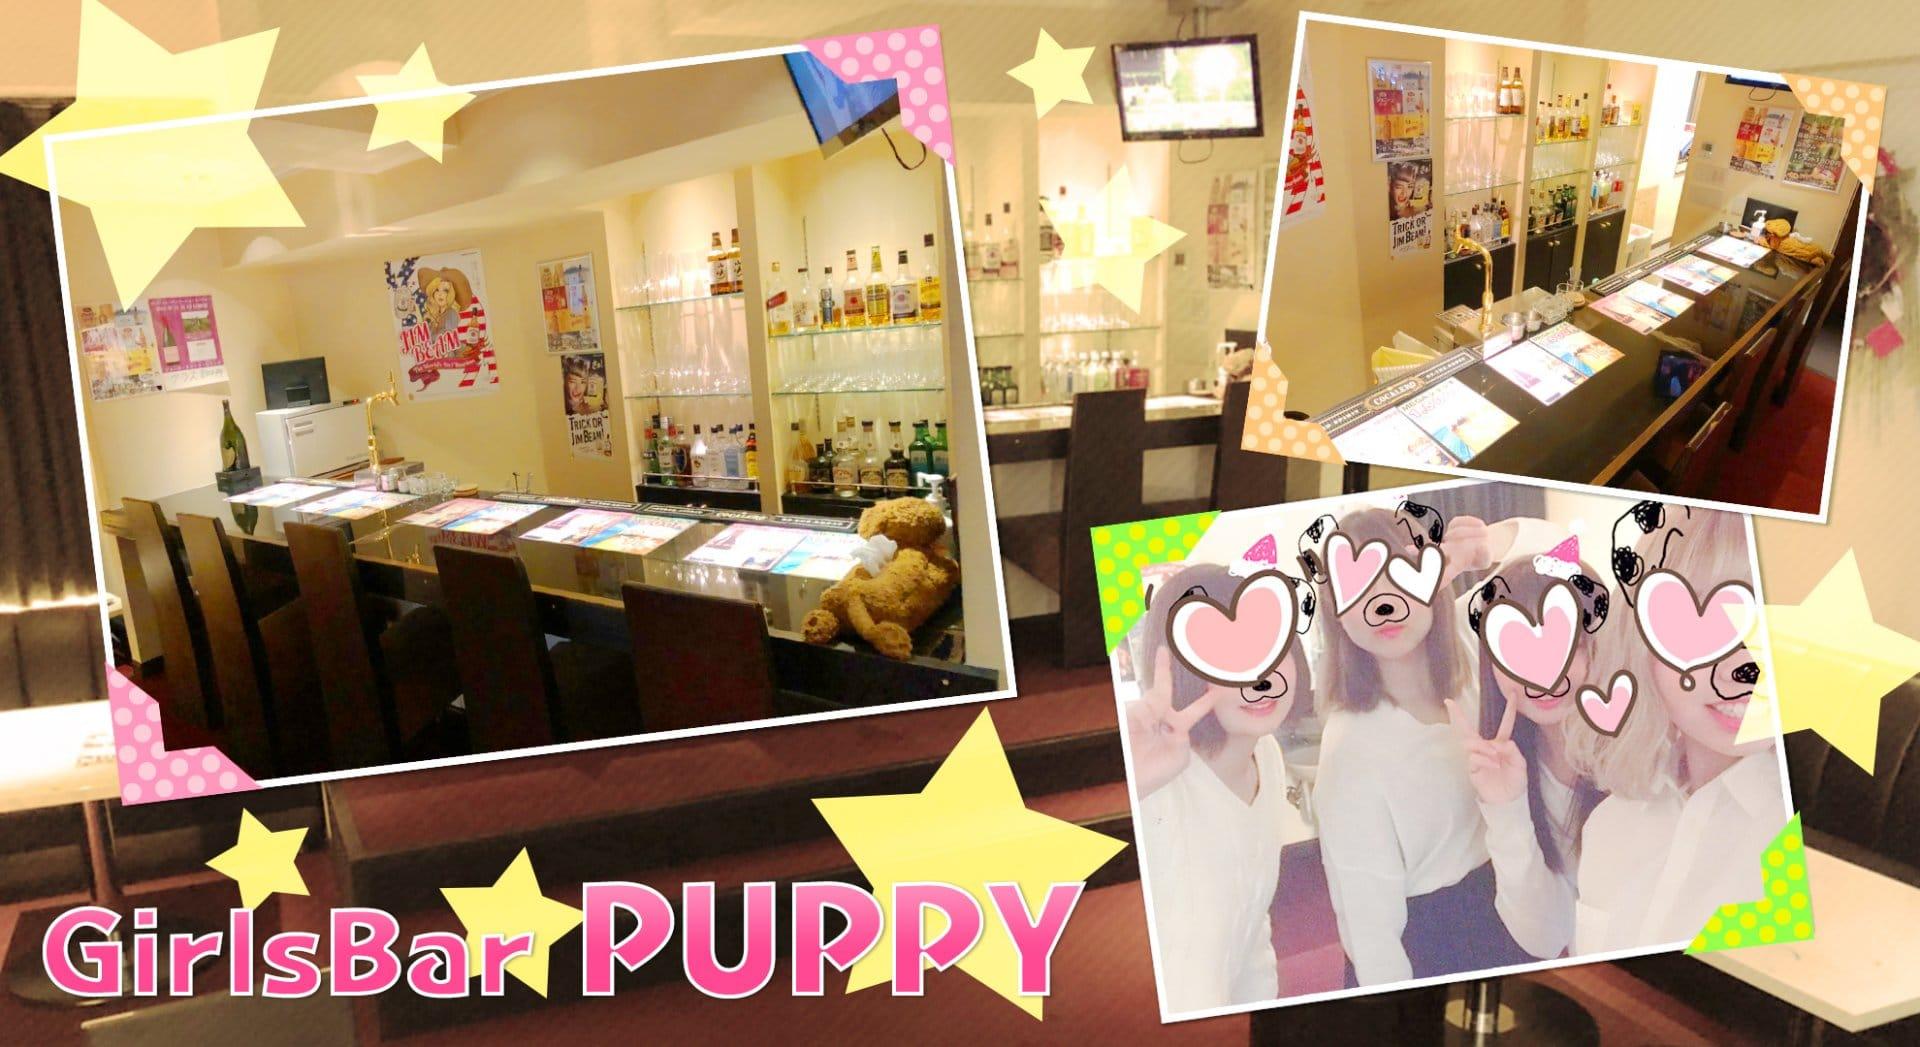 【藤沢】GirlsBar PUPPY(パピー) 藤沢ガールズバー TOP画像